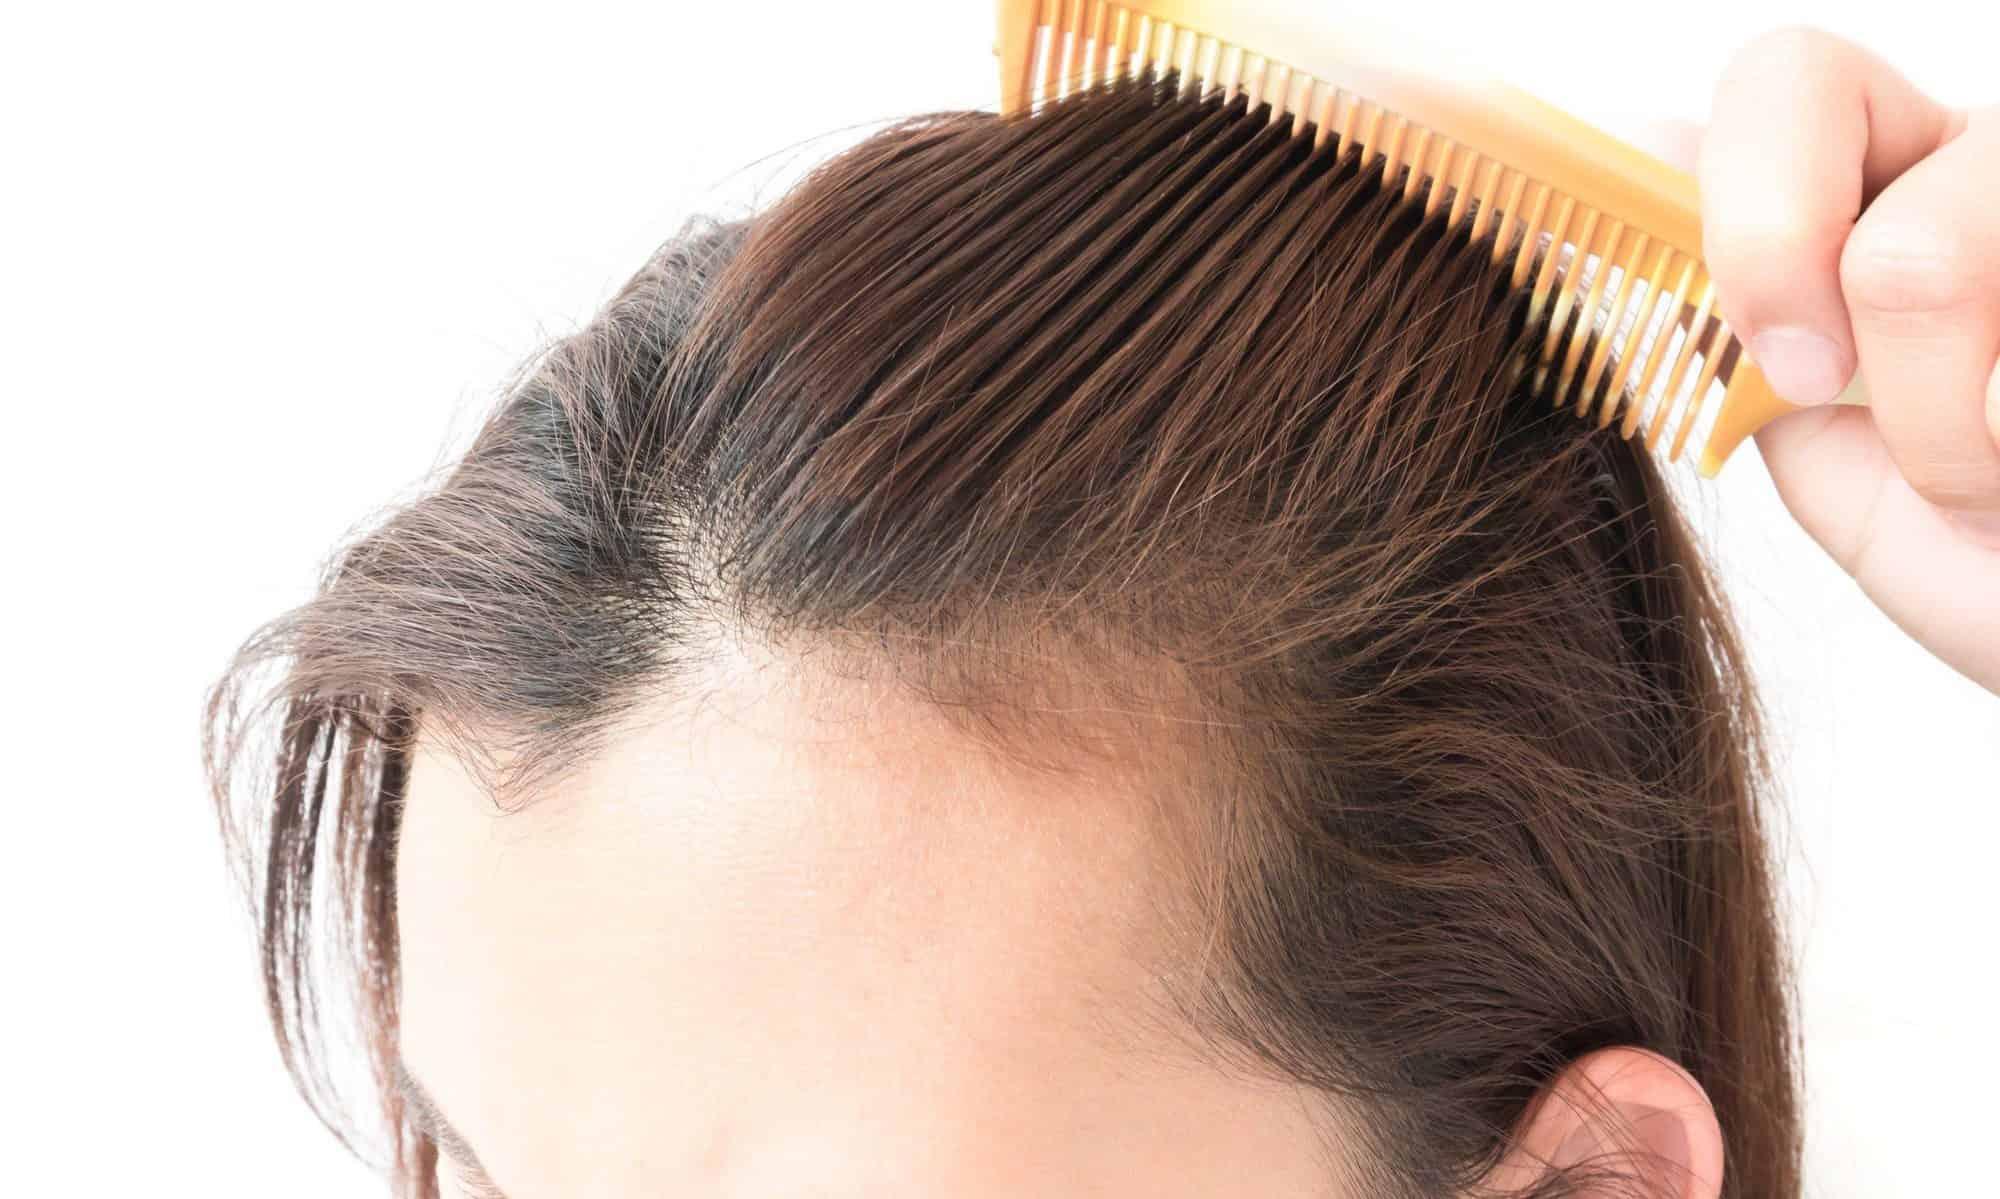 صورة علاج لتساقط الشعر مجرب , افضل علاج مضمون لسقوط الشعر